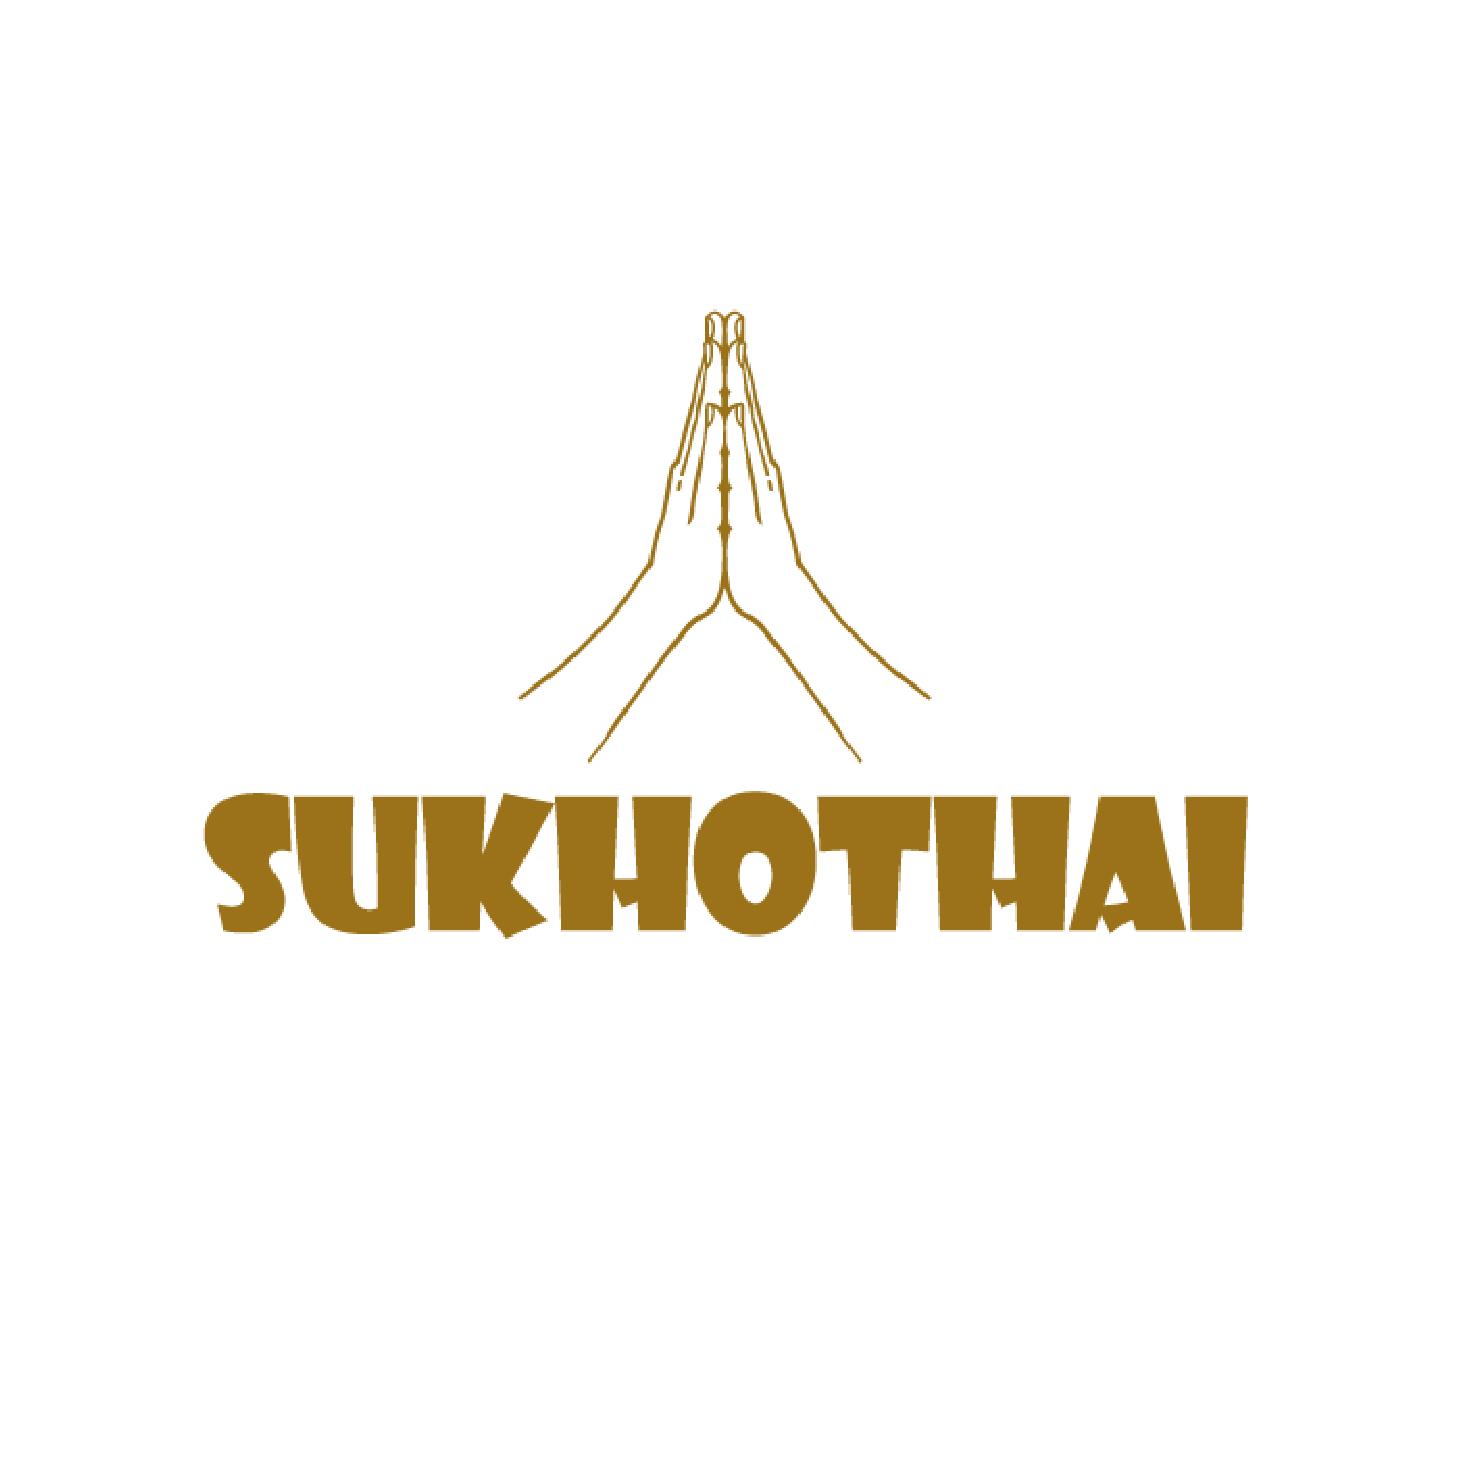 sukhothai logo